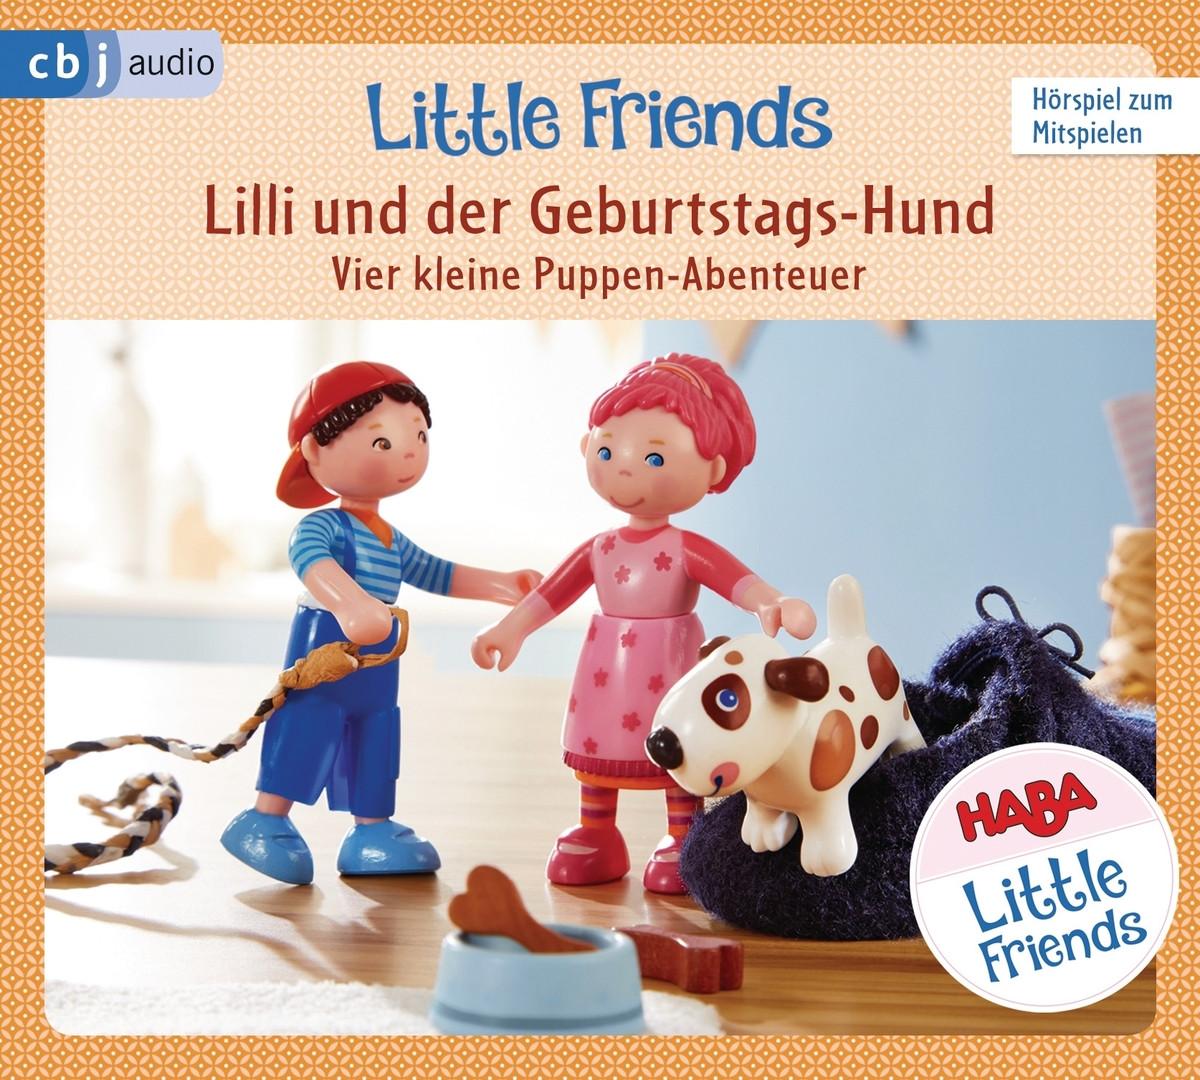 HABA Little Friends - Lilli und der Geburtstags-Hund (Hörspiel 4)